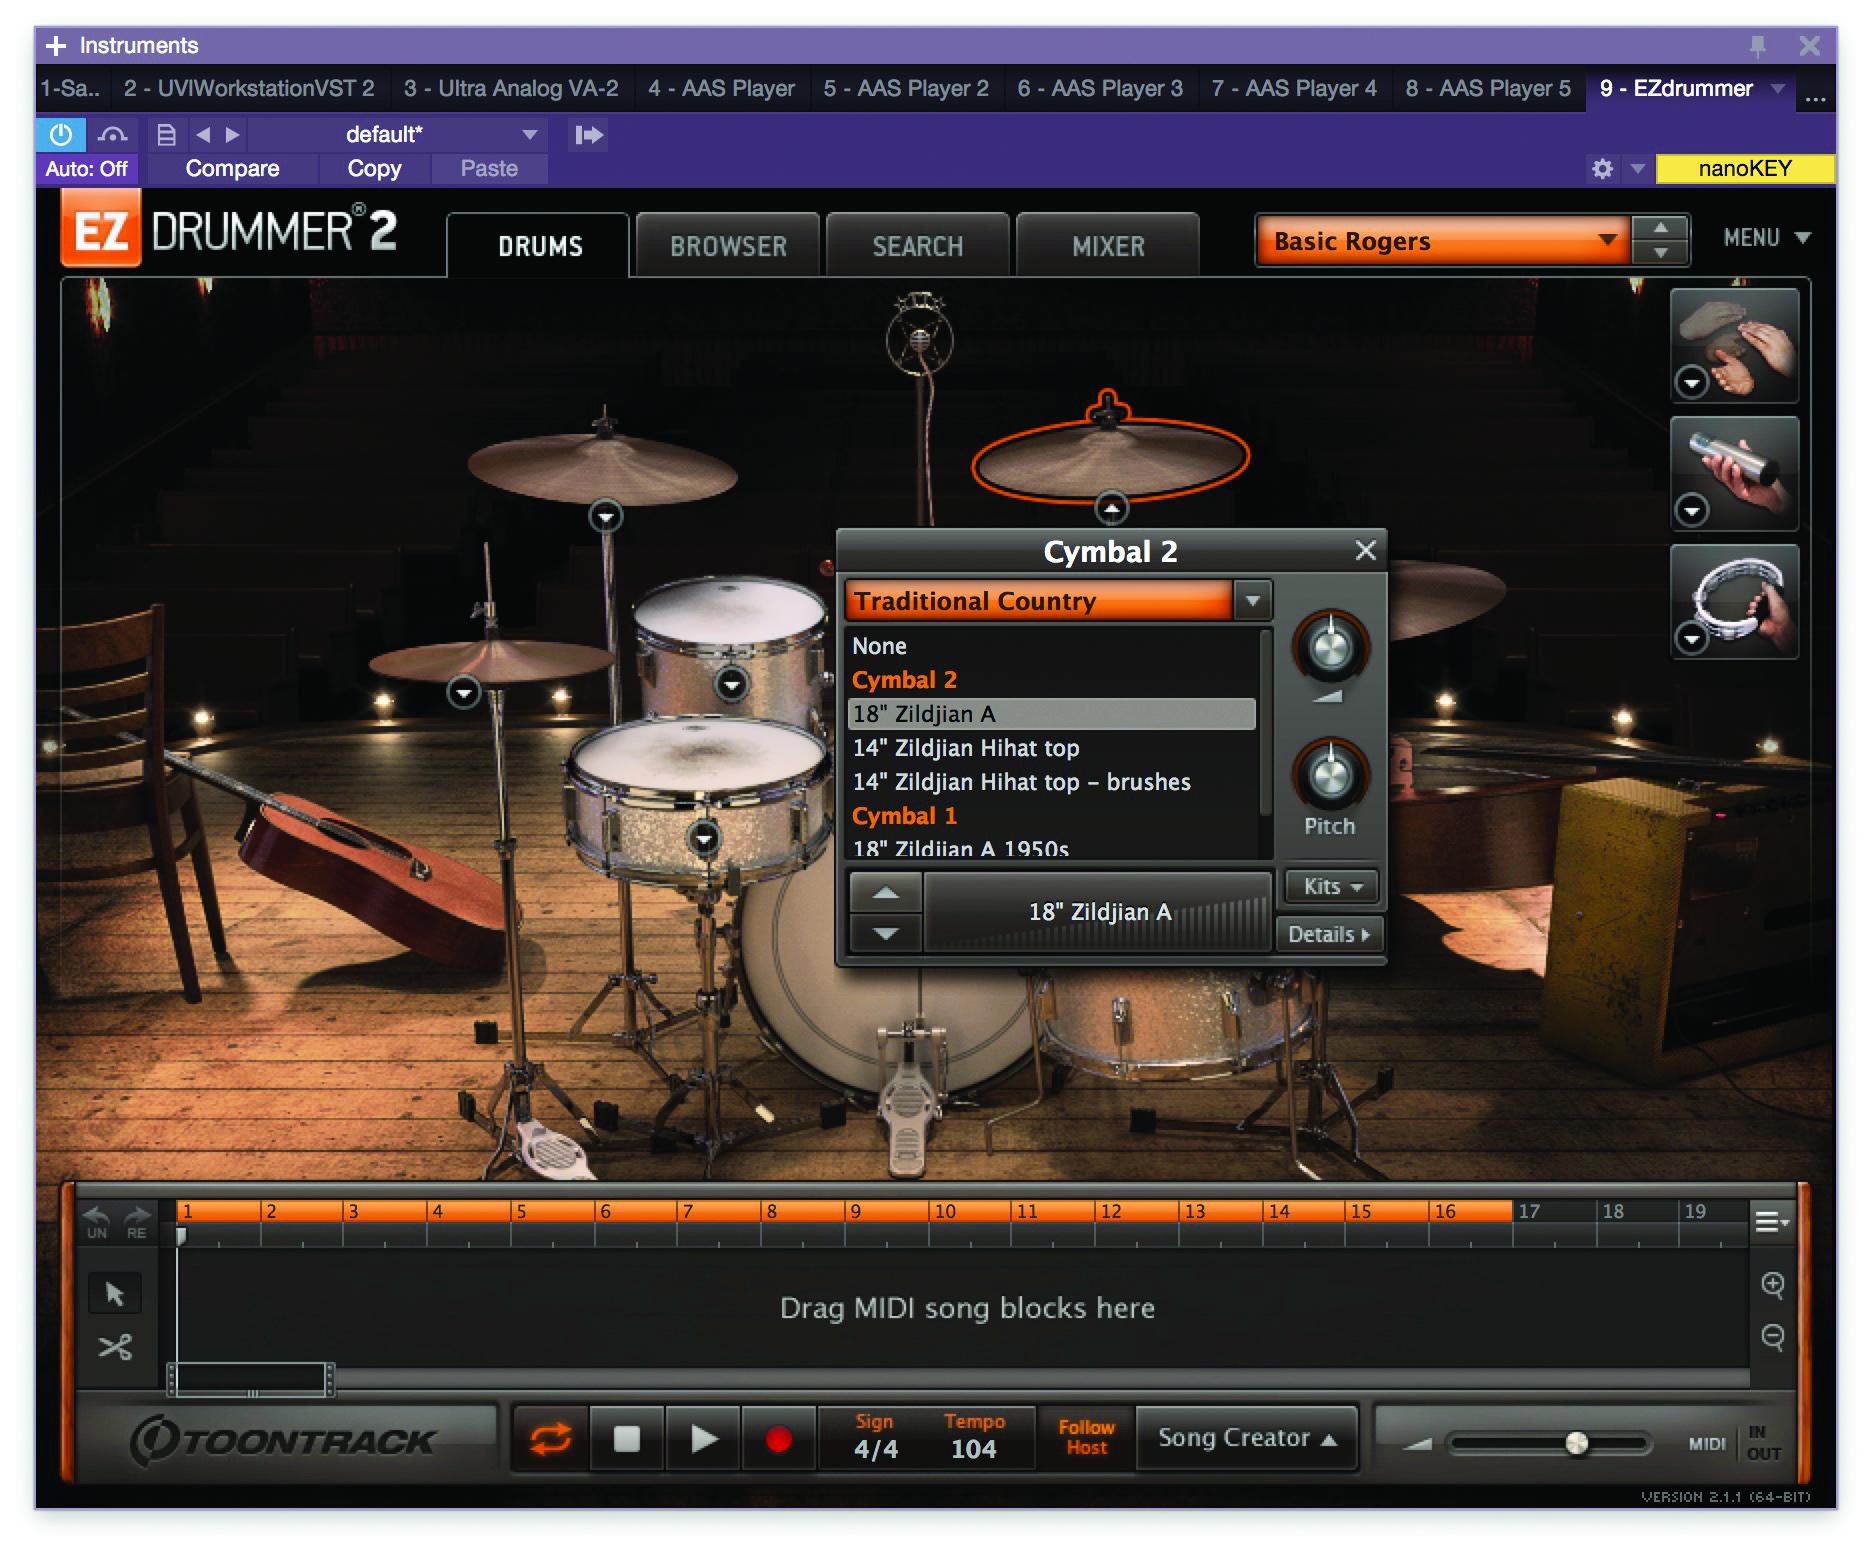 superior drummer kits